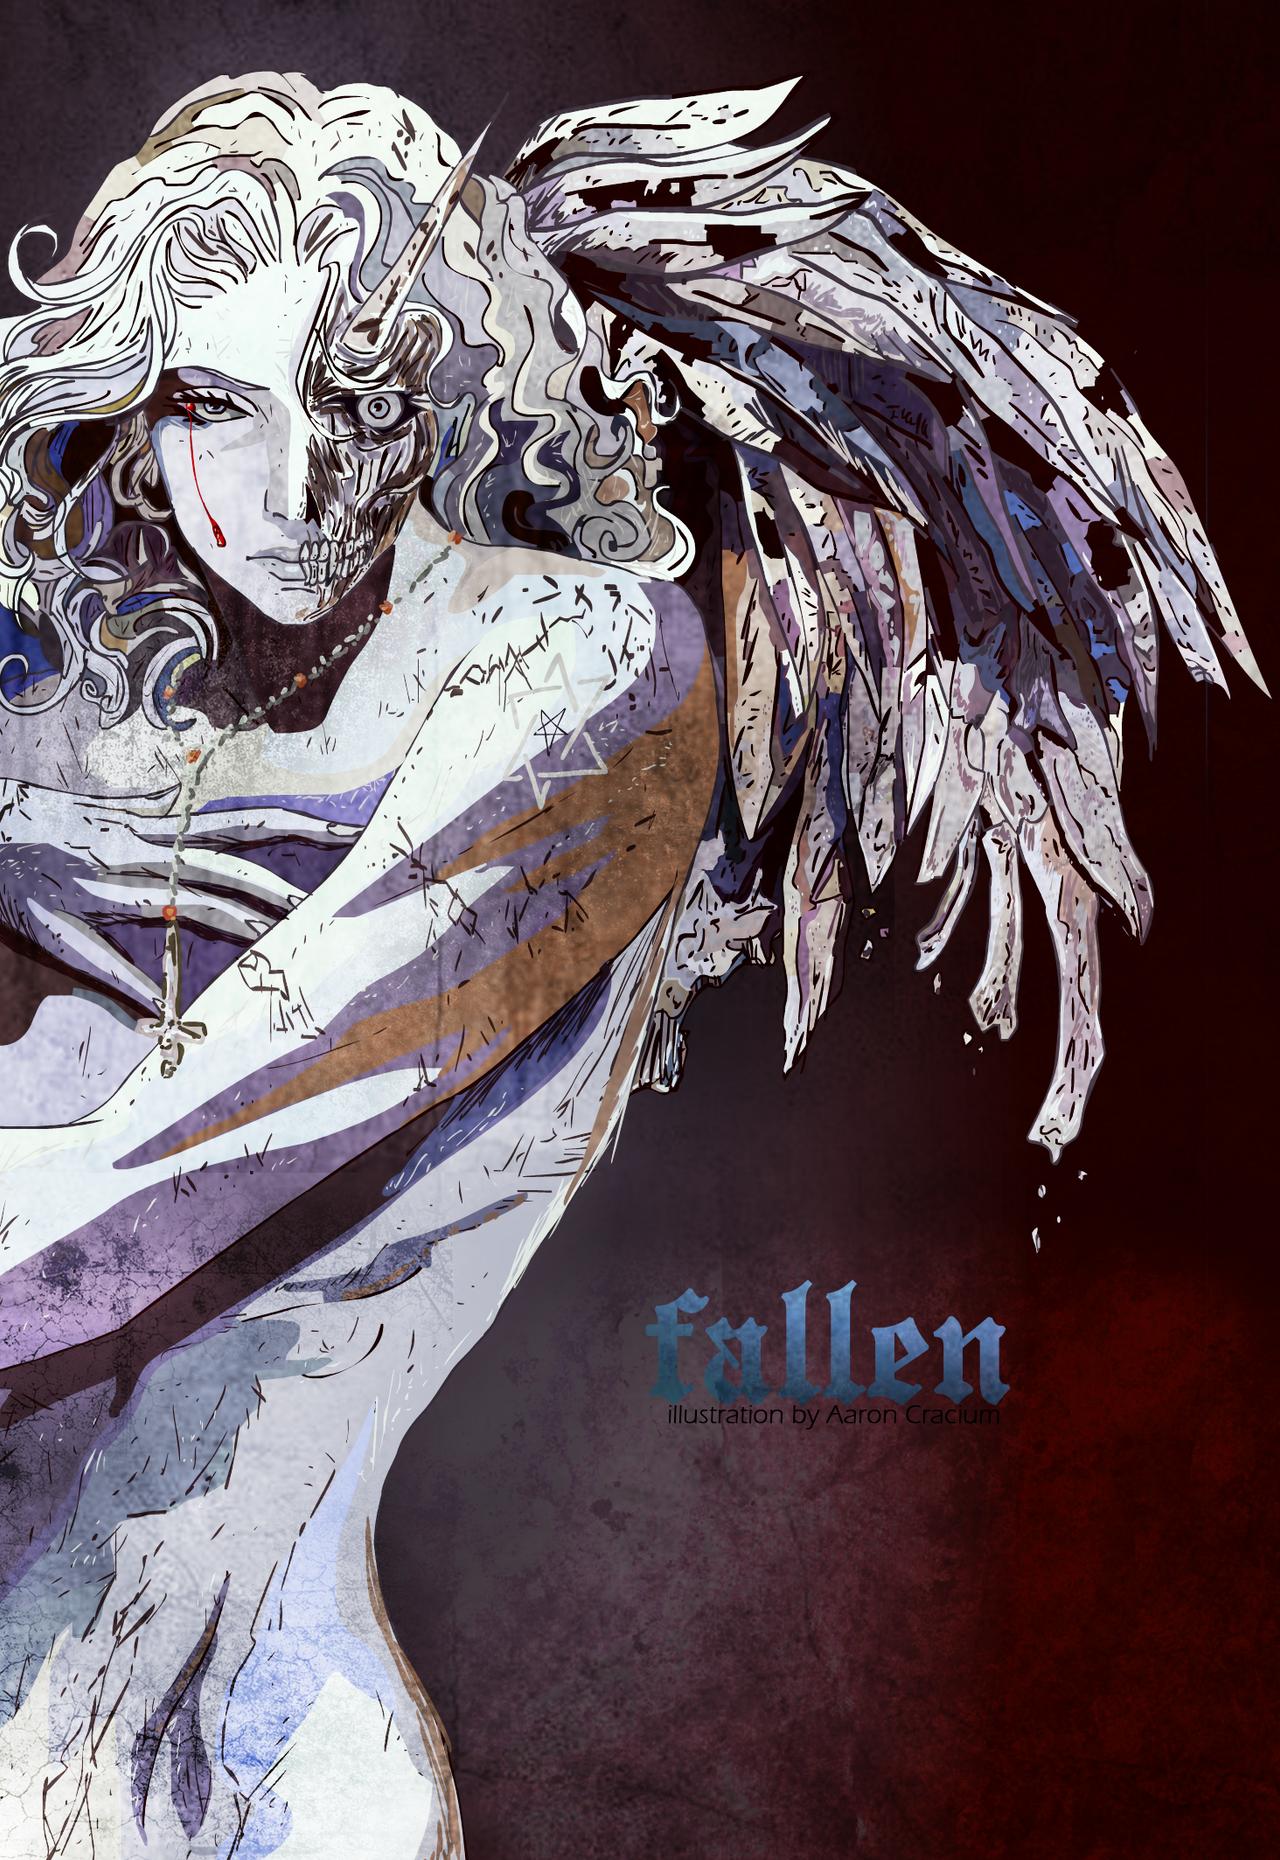 Fallen by acracium